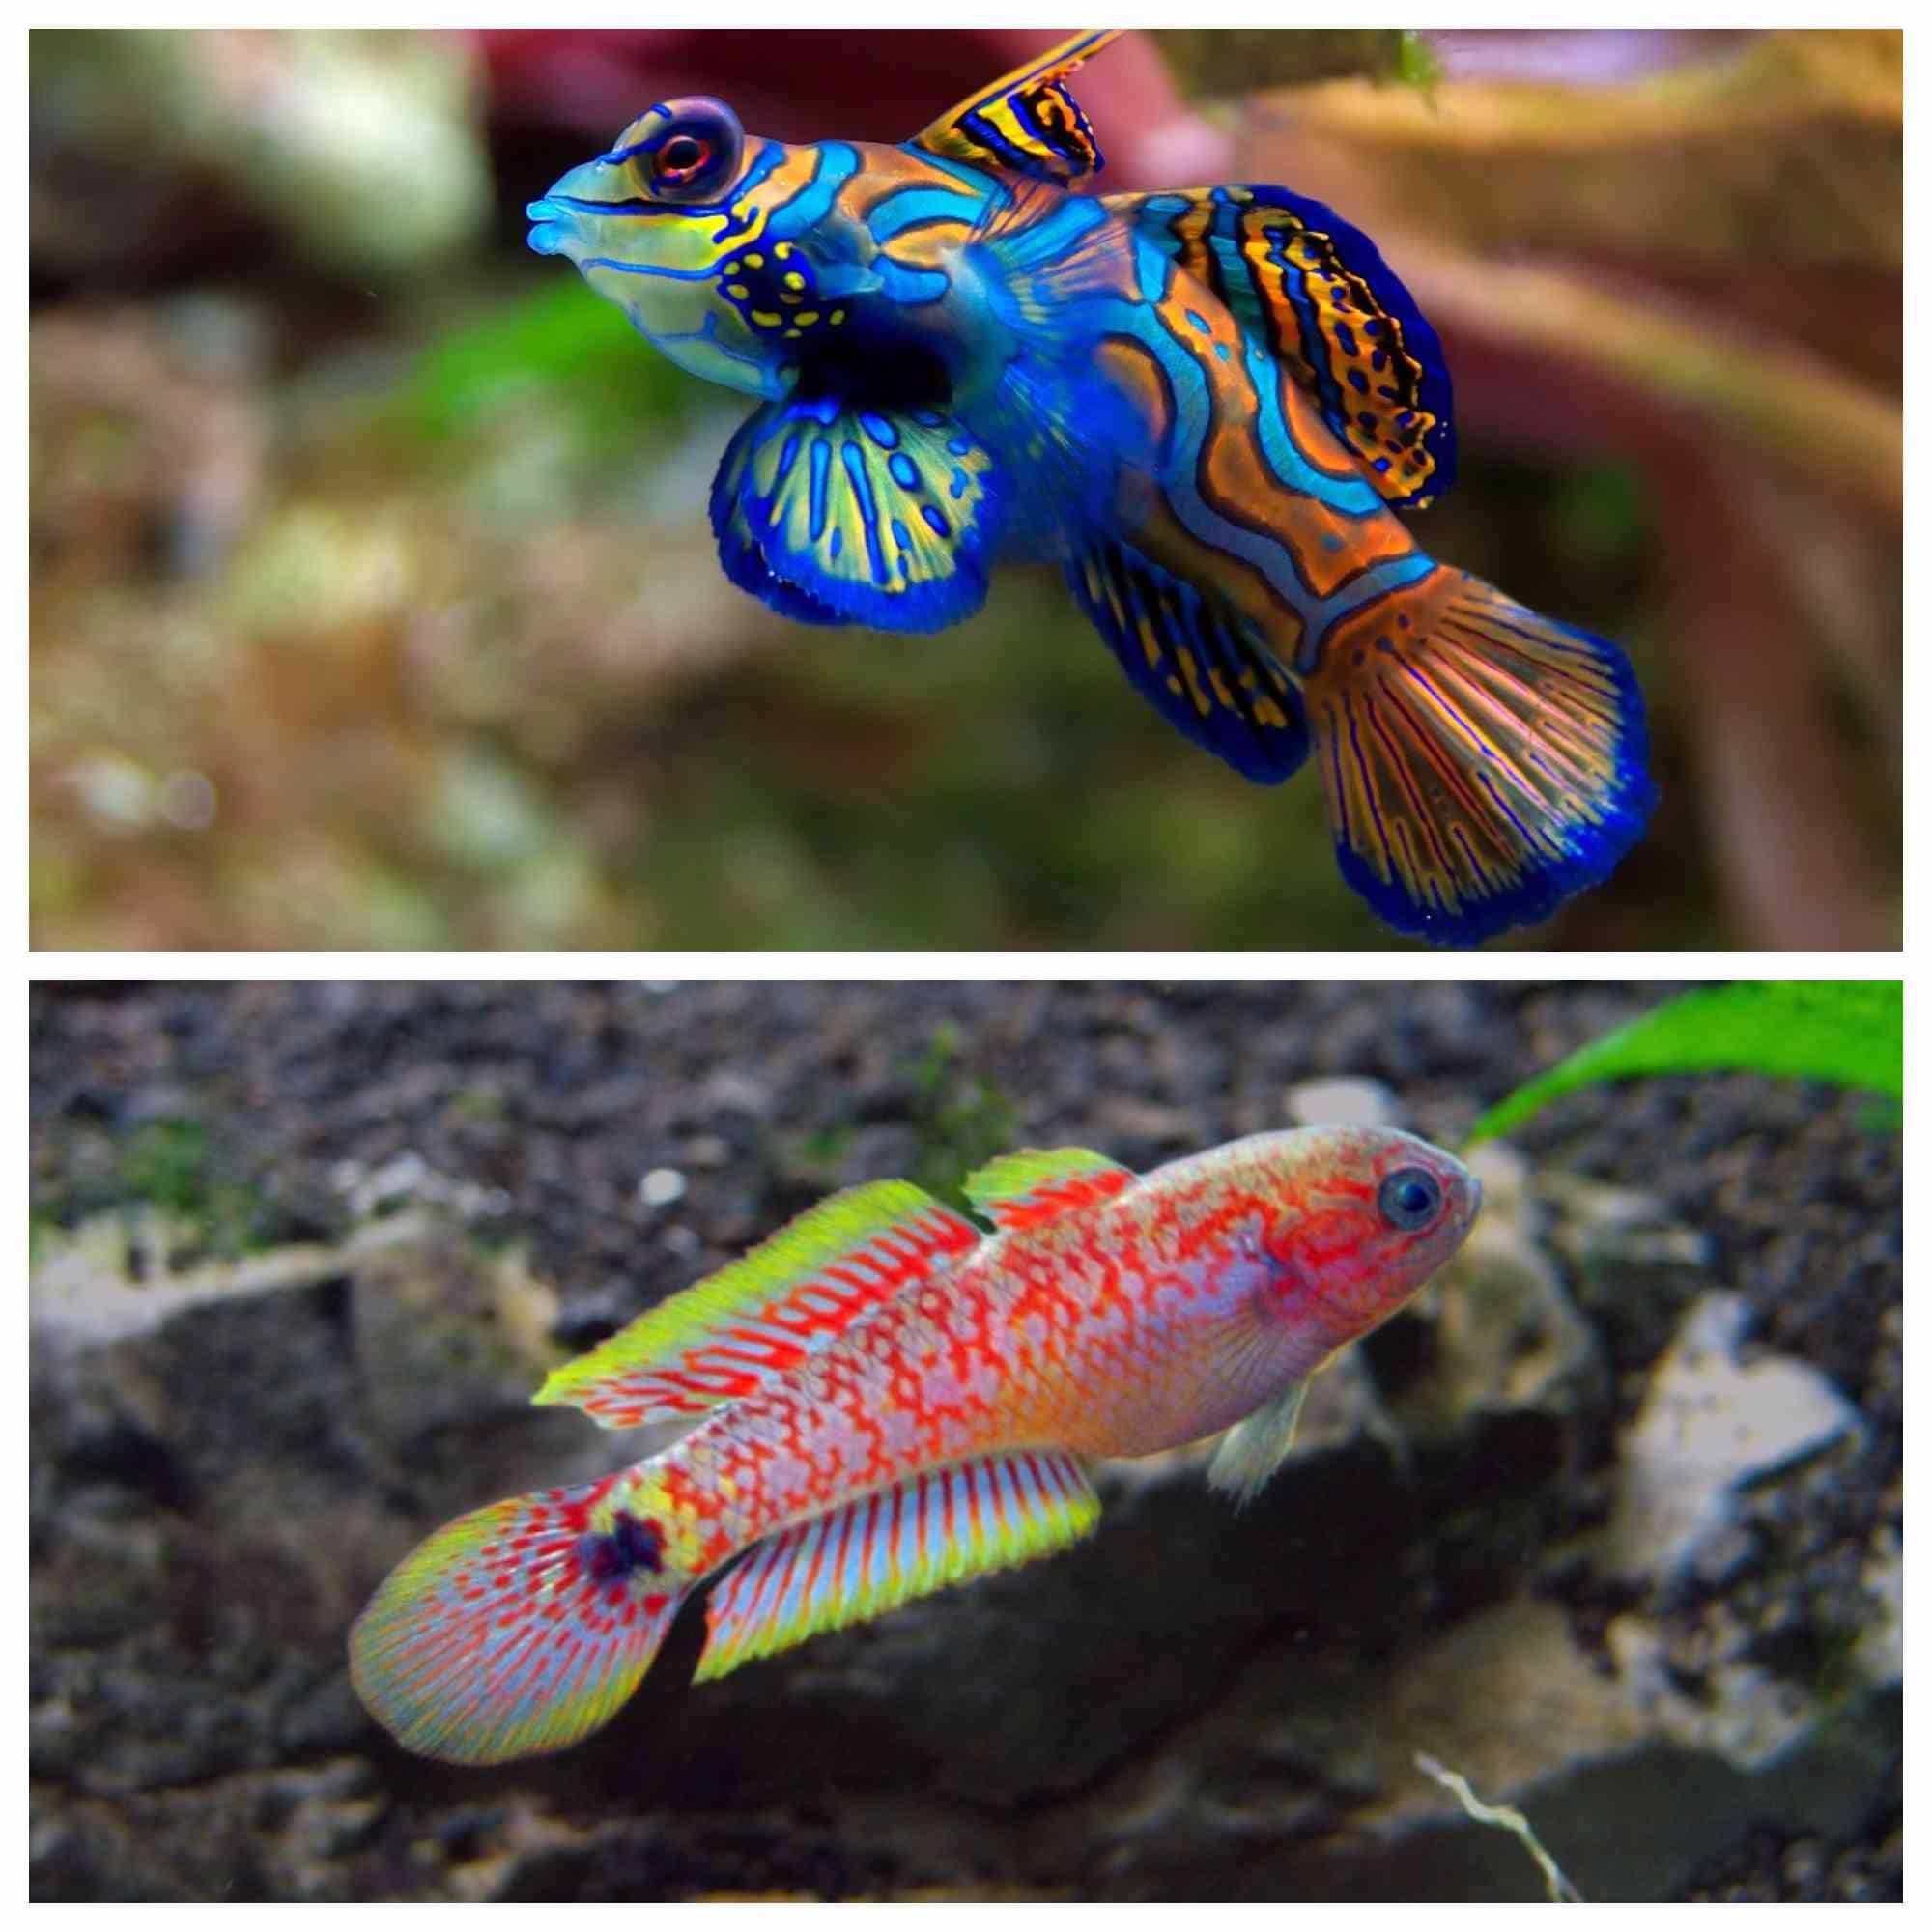 Informaci n til y venta de acuarios marinos y complementos for Peces marinos para acuarios pequenos